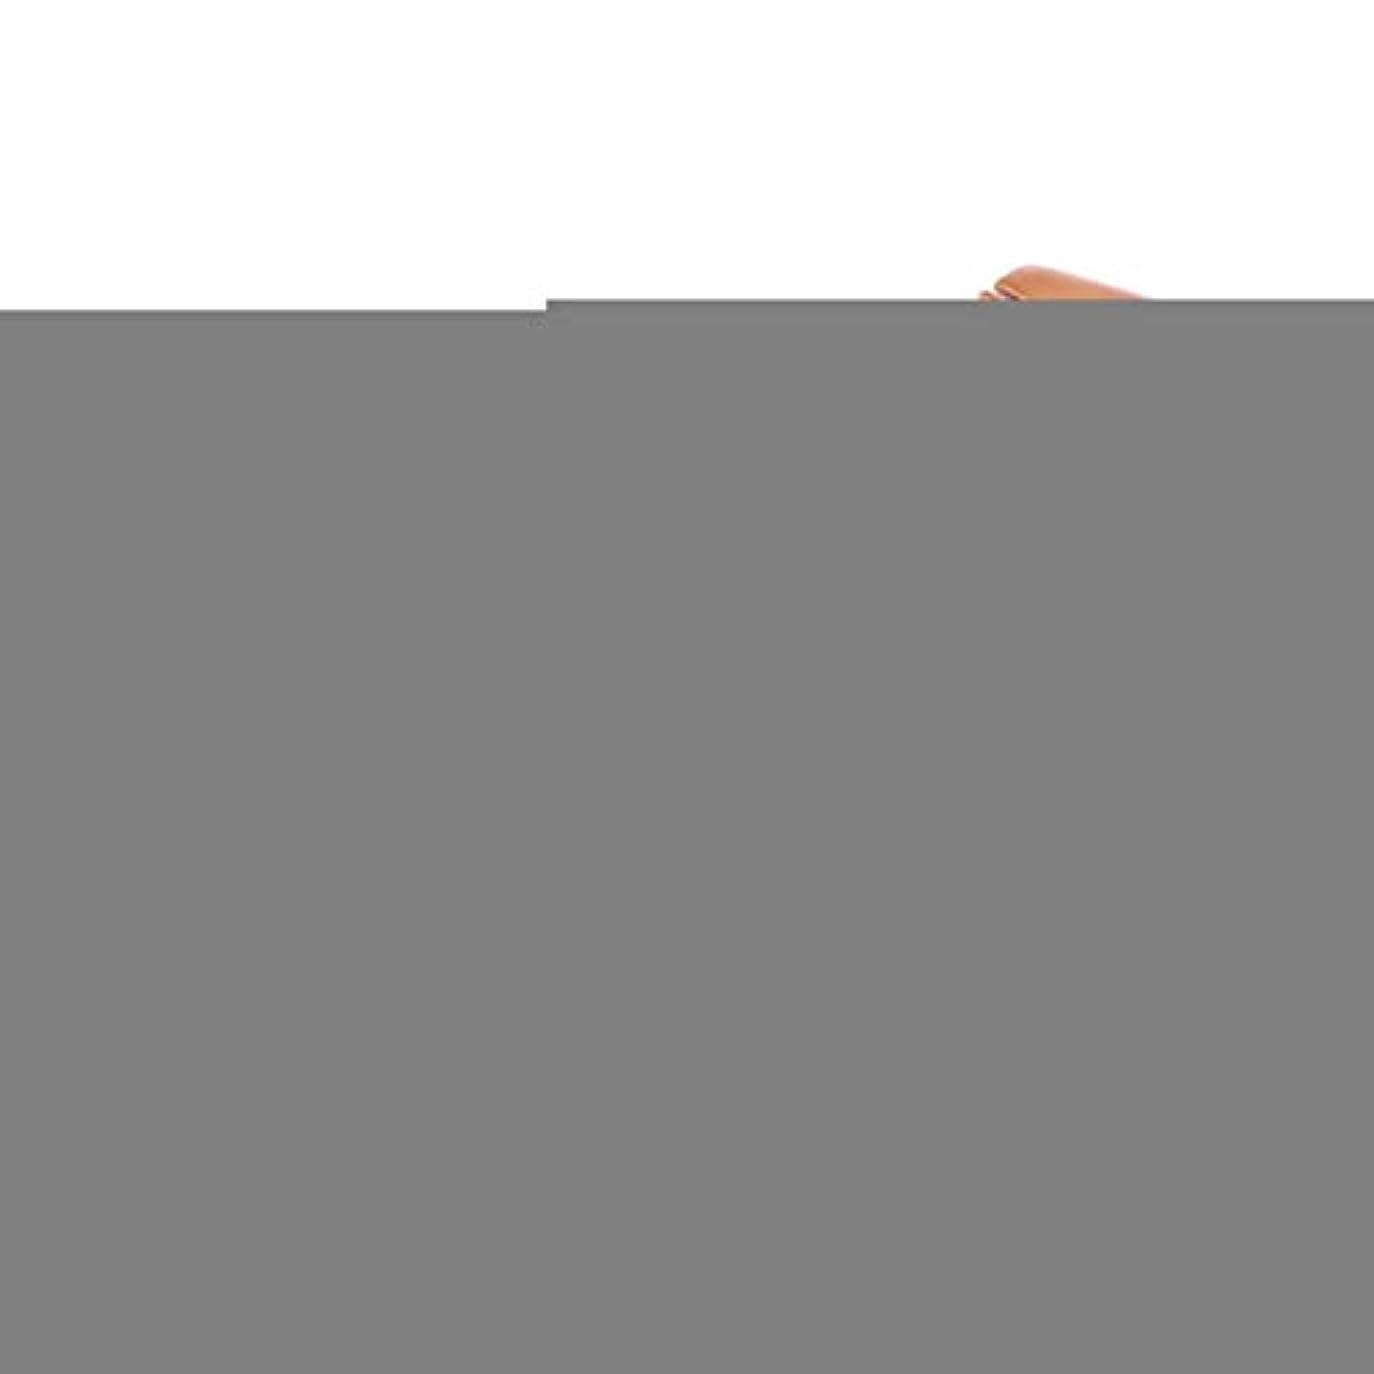 実業家ジュースアシストSM SunniMix 櫛 木製 美髪ケア ウッドコーム 木製櫛 広い歯 ヘアコーム 頭皮マッサージ 4タイプ選べ - L